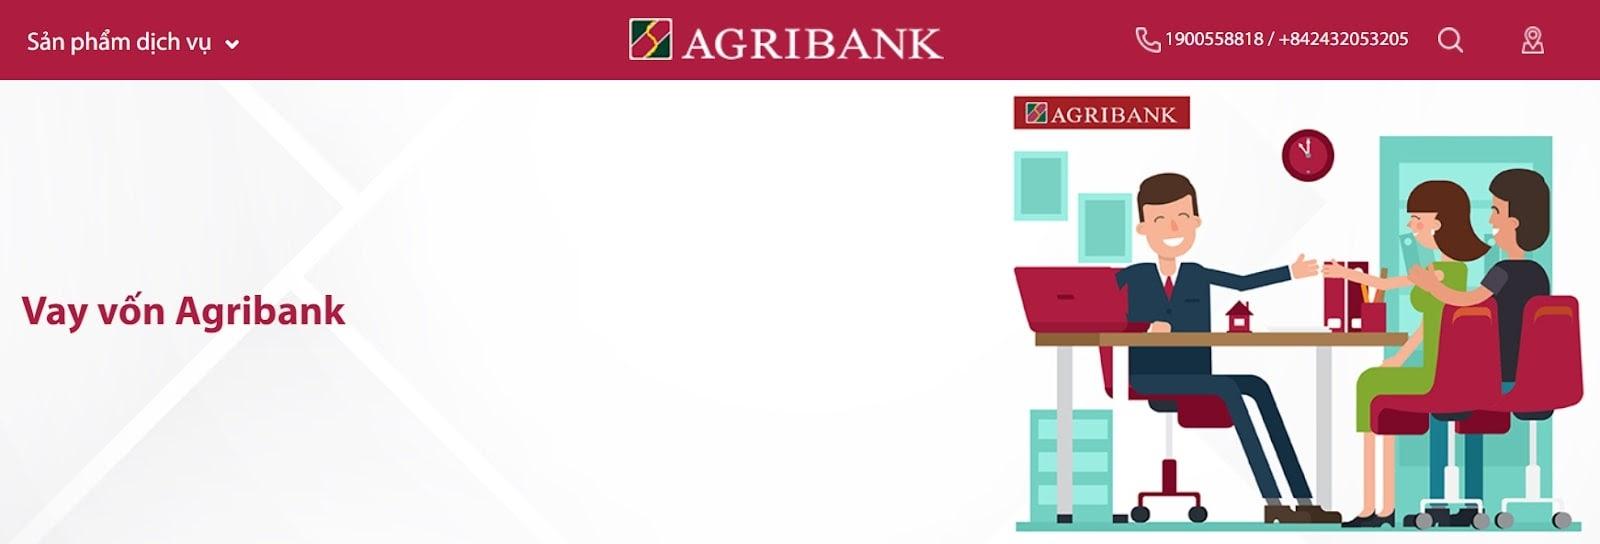 Top 5 Ngân hàng cho Vay thế chấp sổ đỏ lãi suất thấp nhất hiện nay